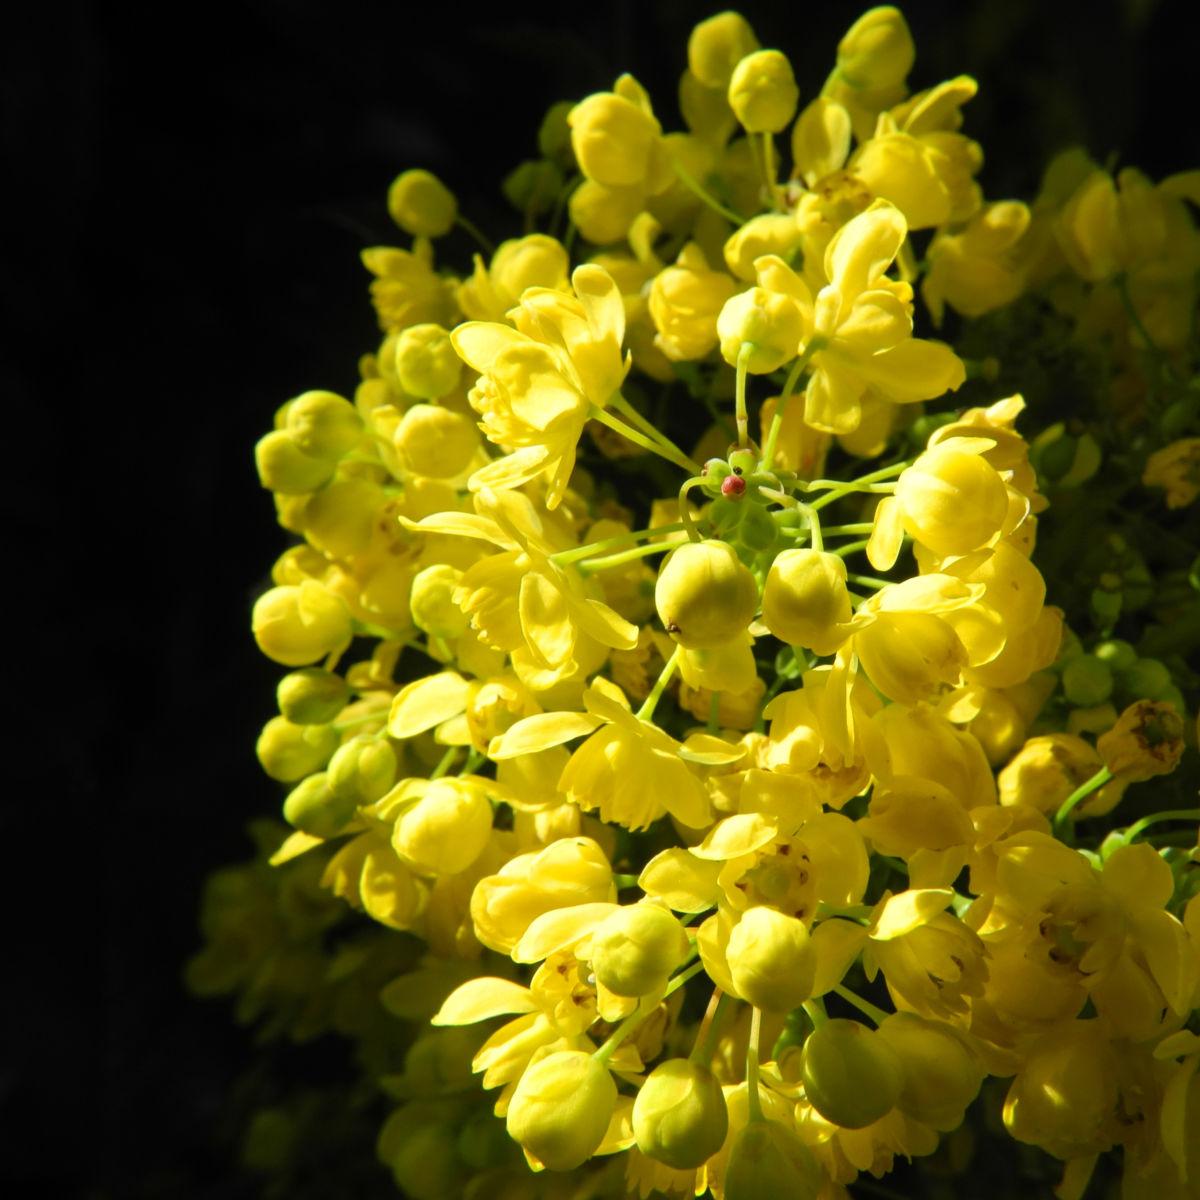 Stechdornblaettrige Mahonie Bluete gelb Mahonia aquifolium